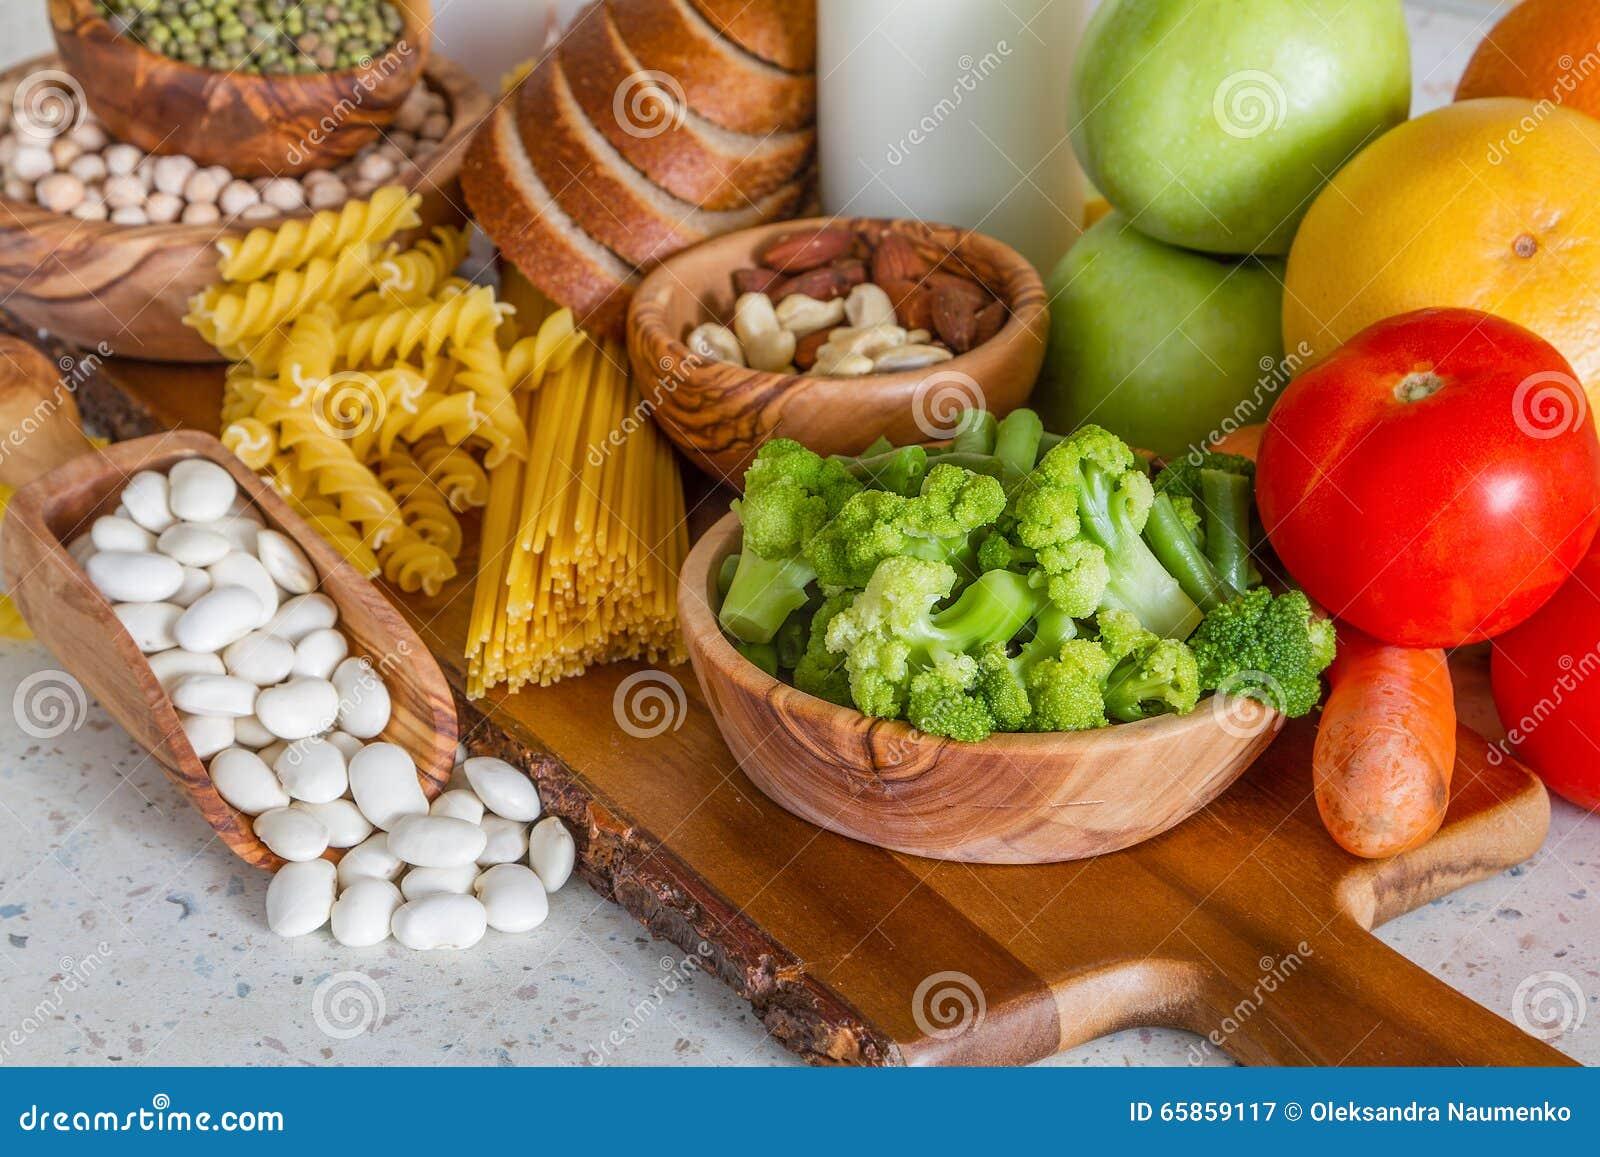 Wybór odżywki dla jarskiej diety